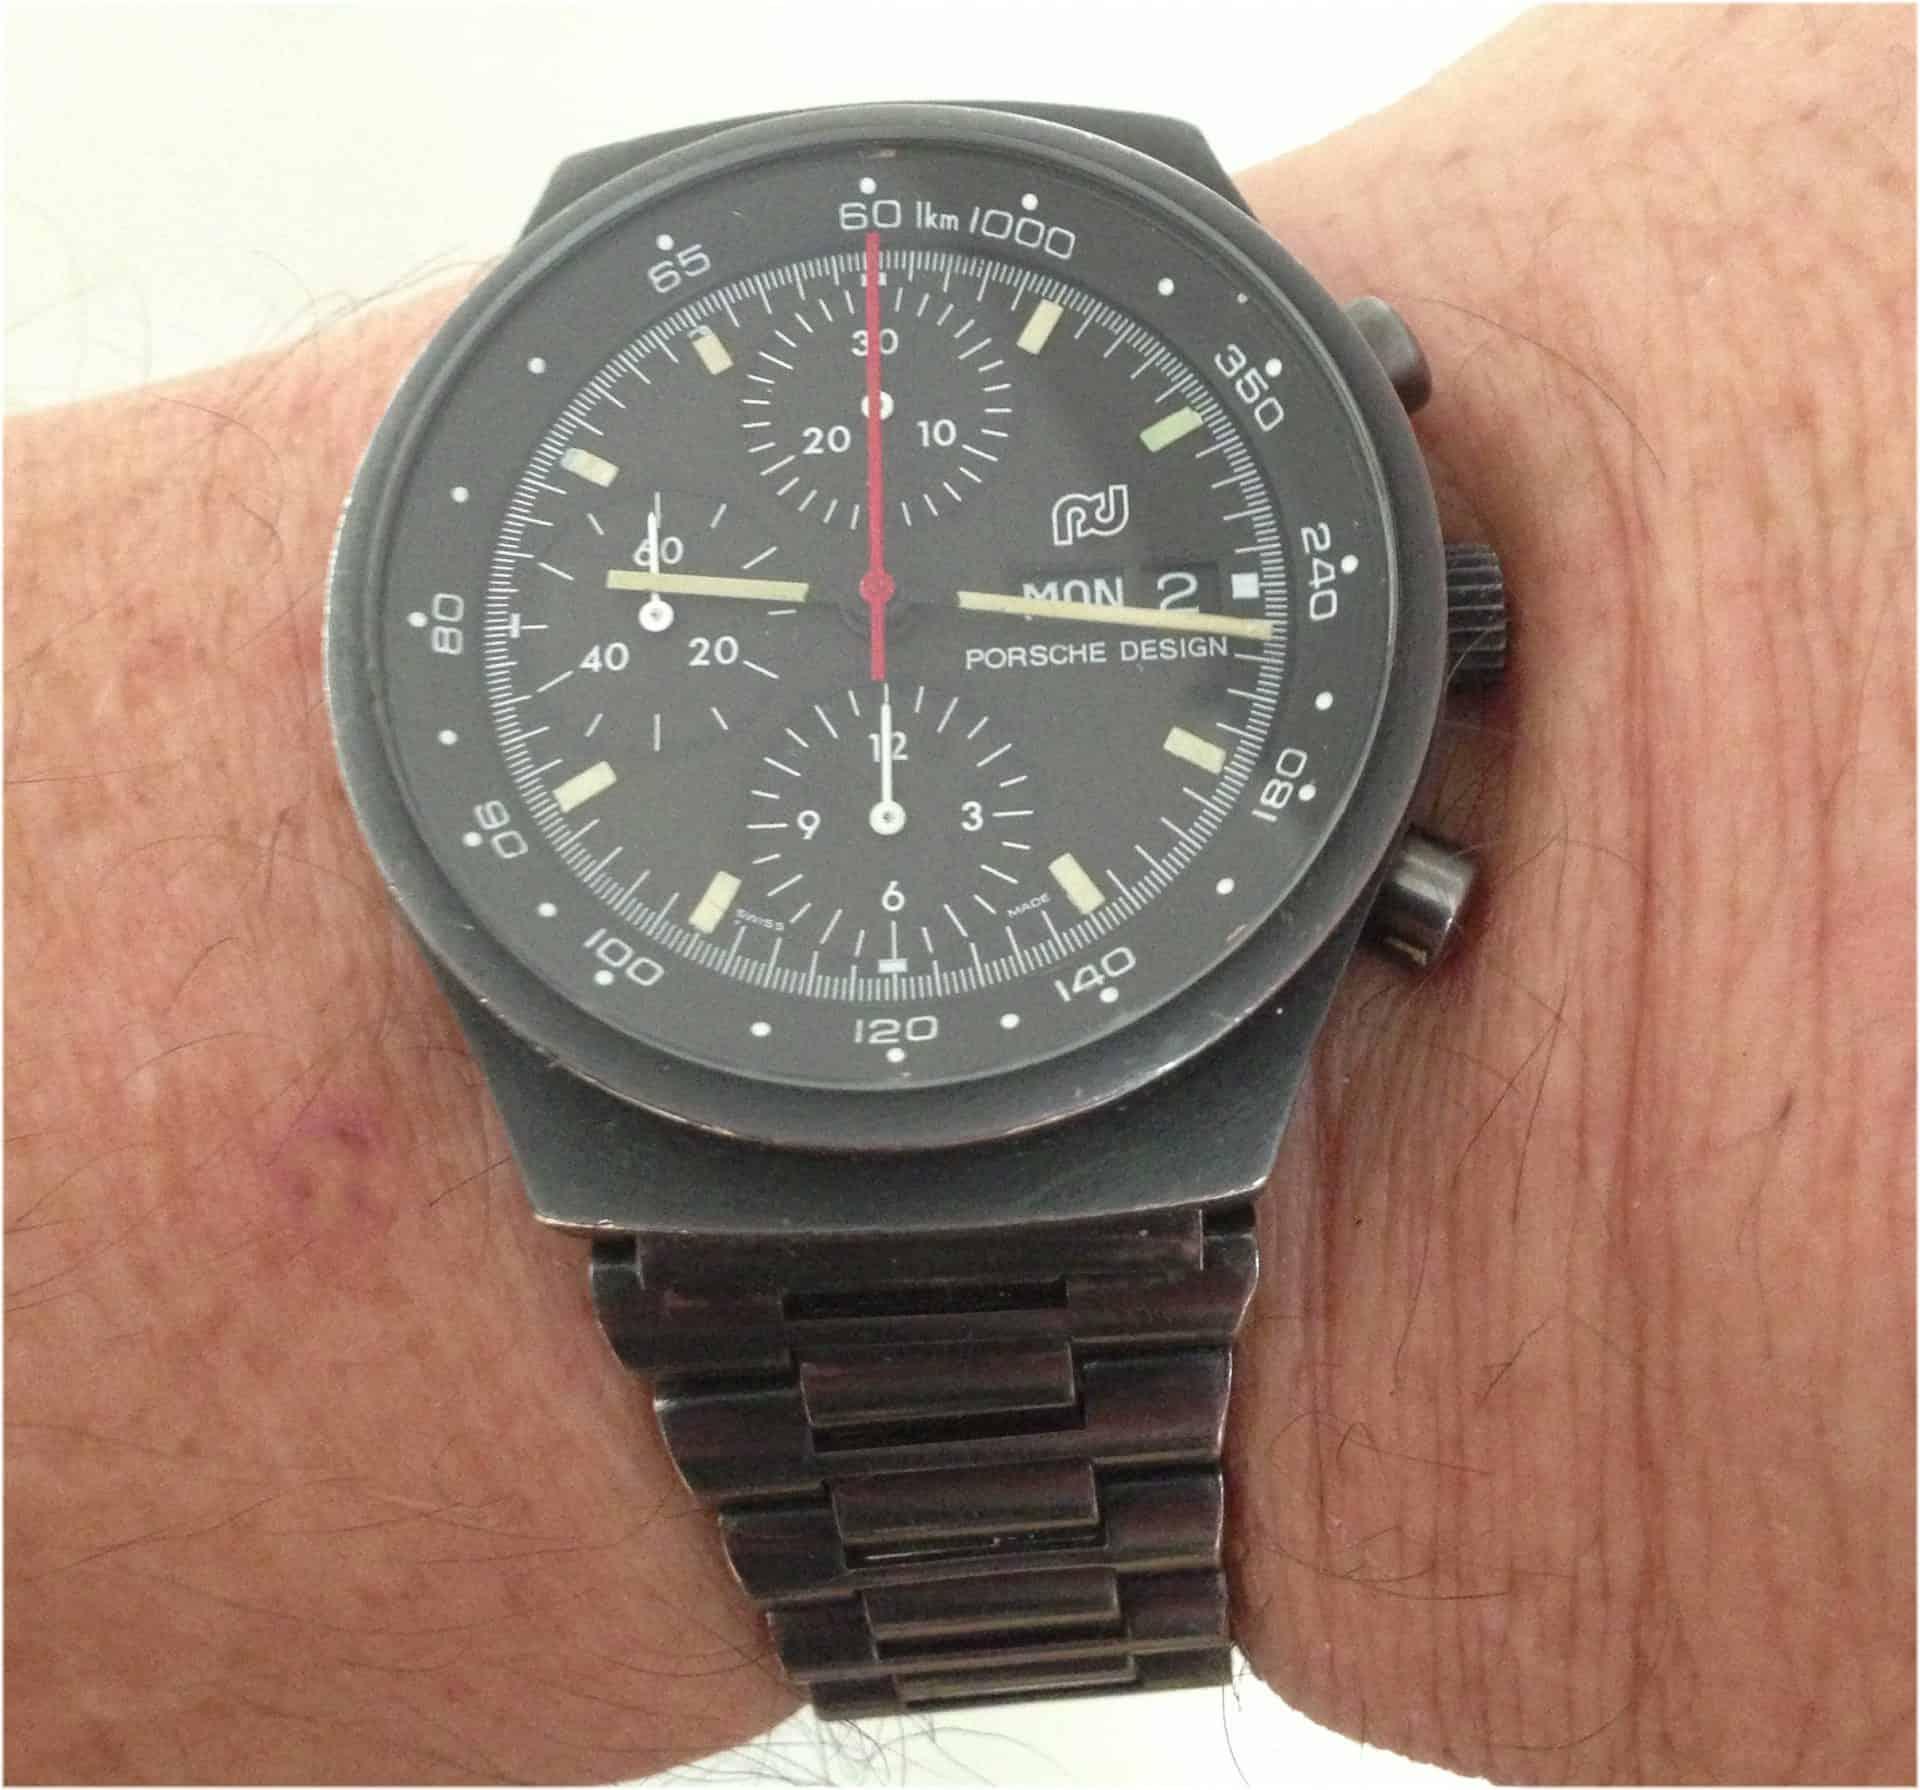 PVD schwarz beschichtet und entsprechend mit mit Abrieb - der 1972 von F. A. Porsche gestaltete Armbandchronograph